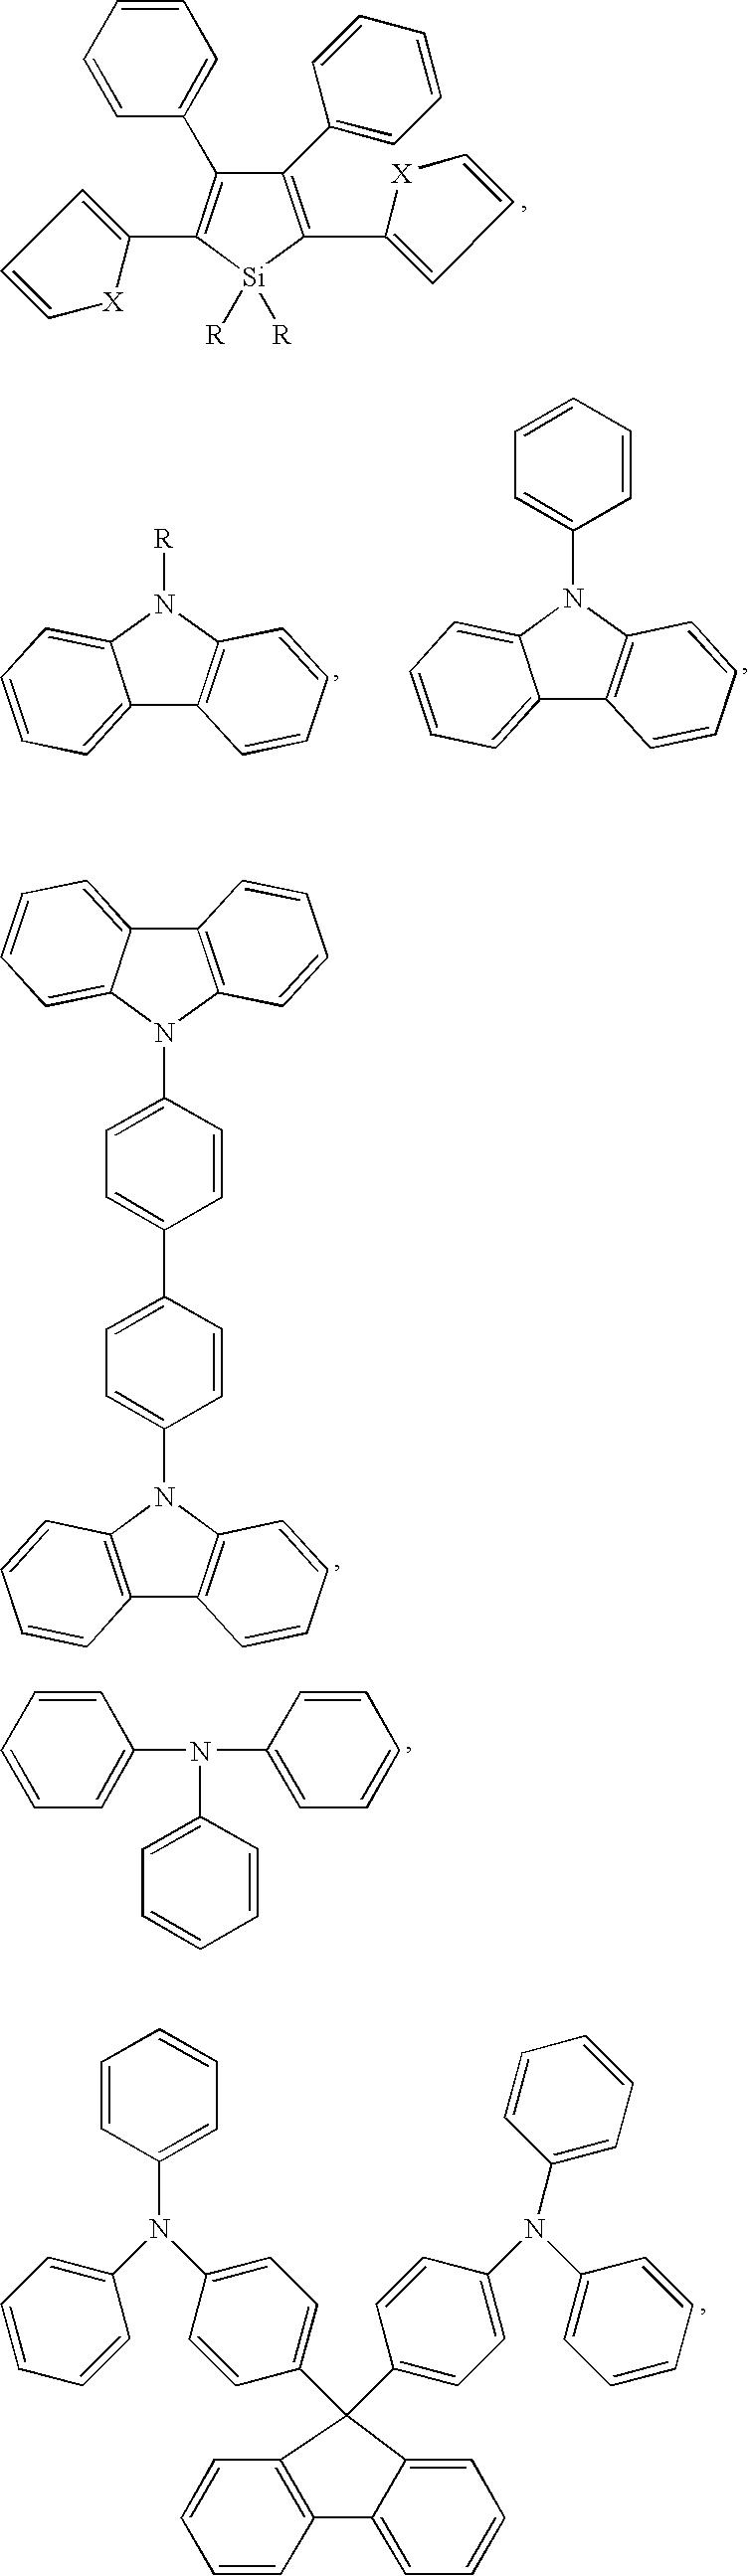 Figure US20070107835A1-20070517-C00092